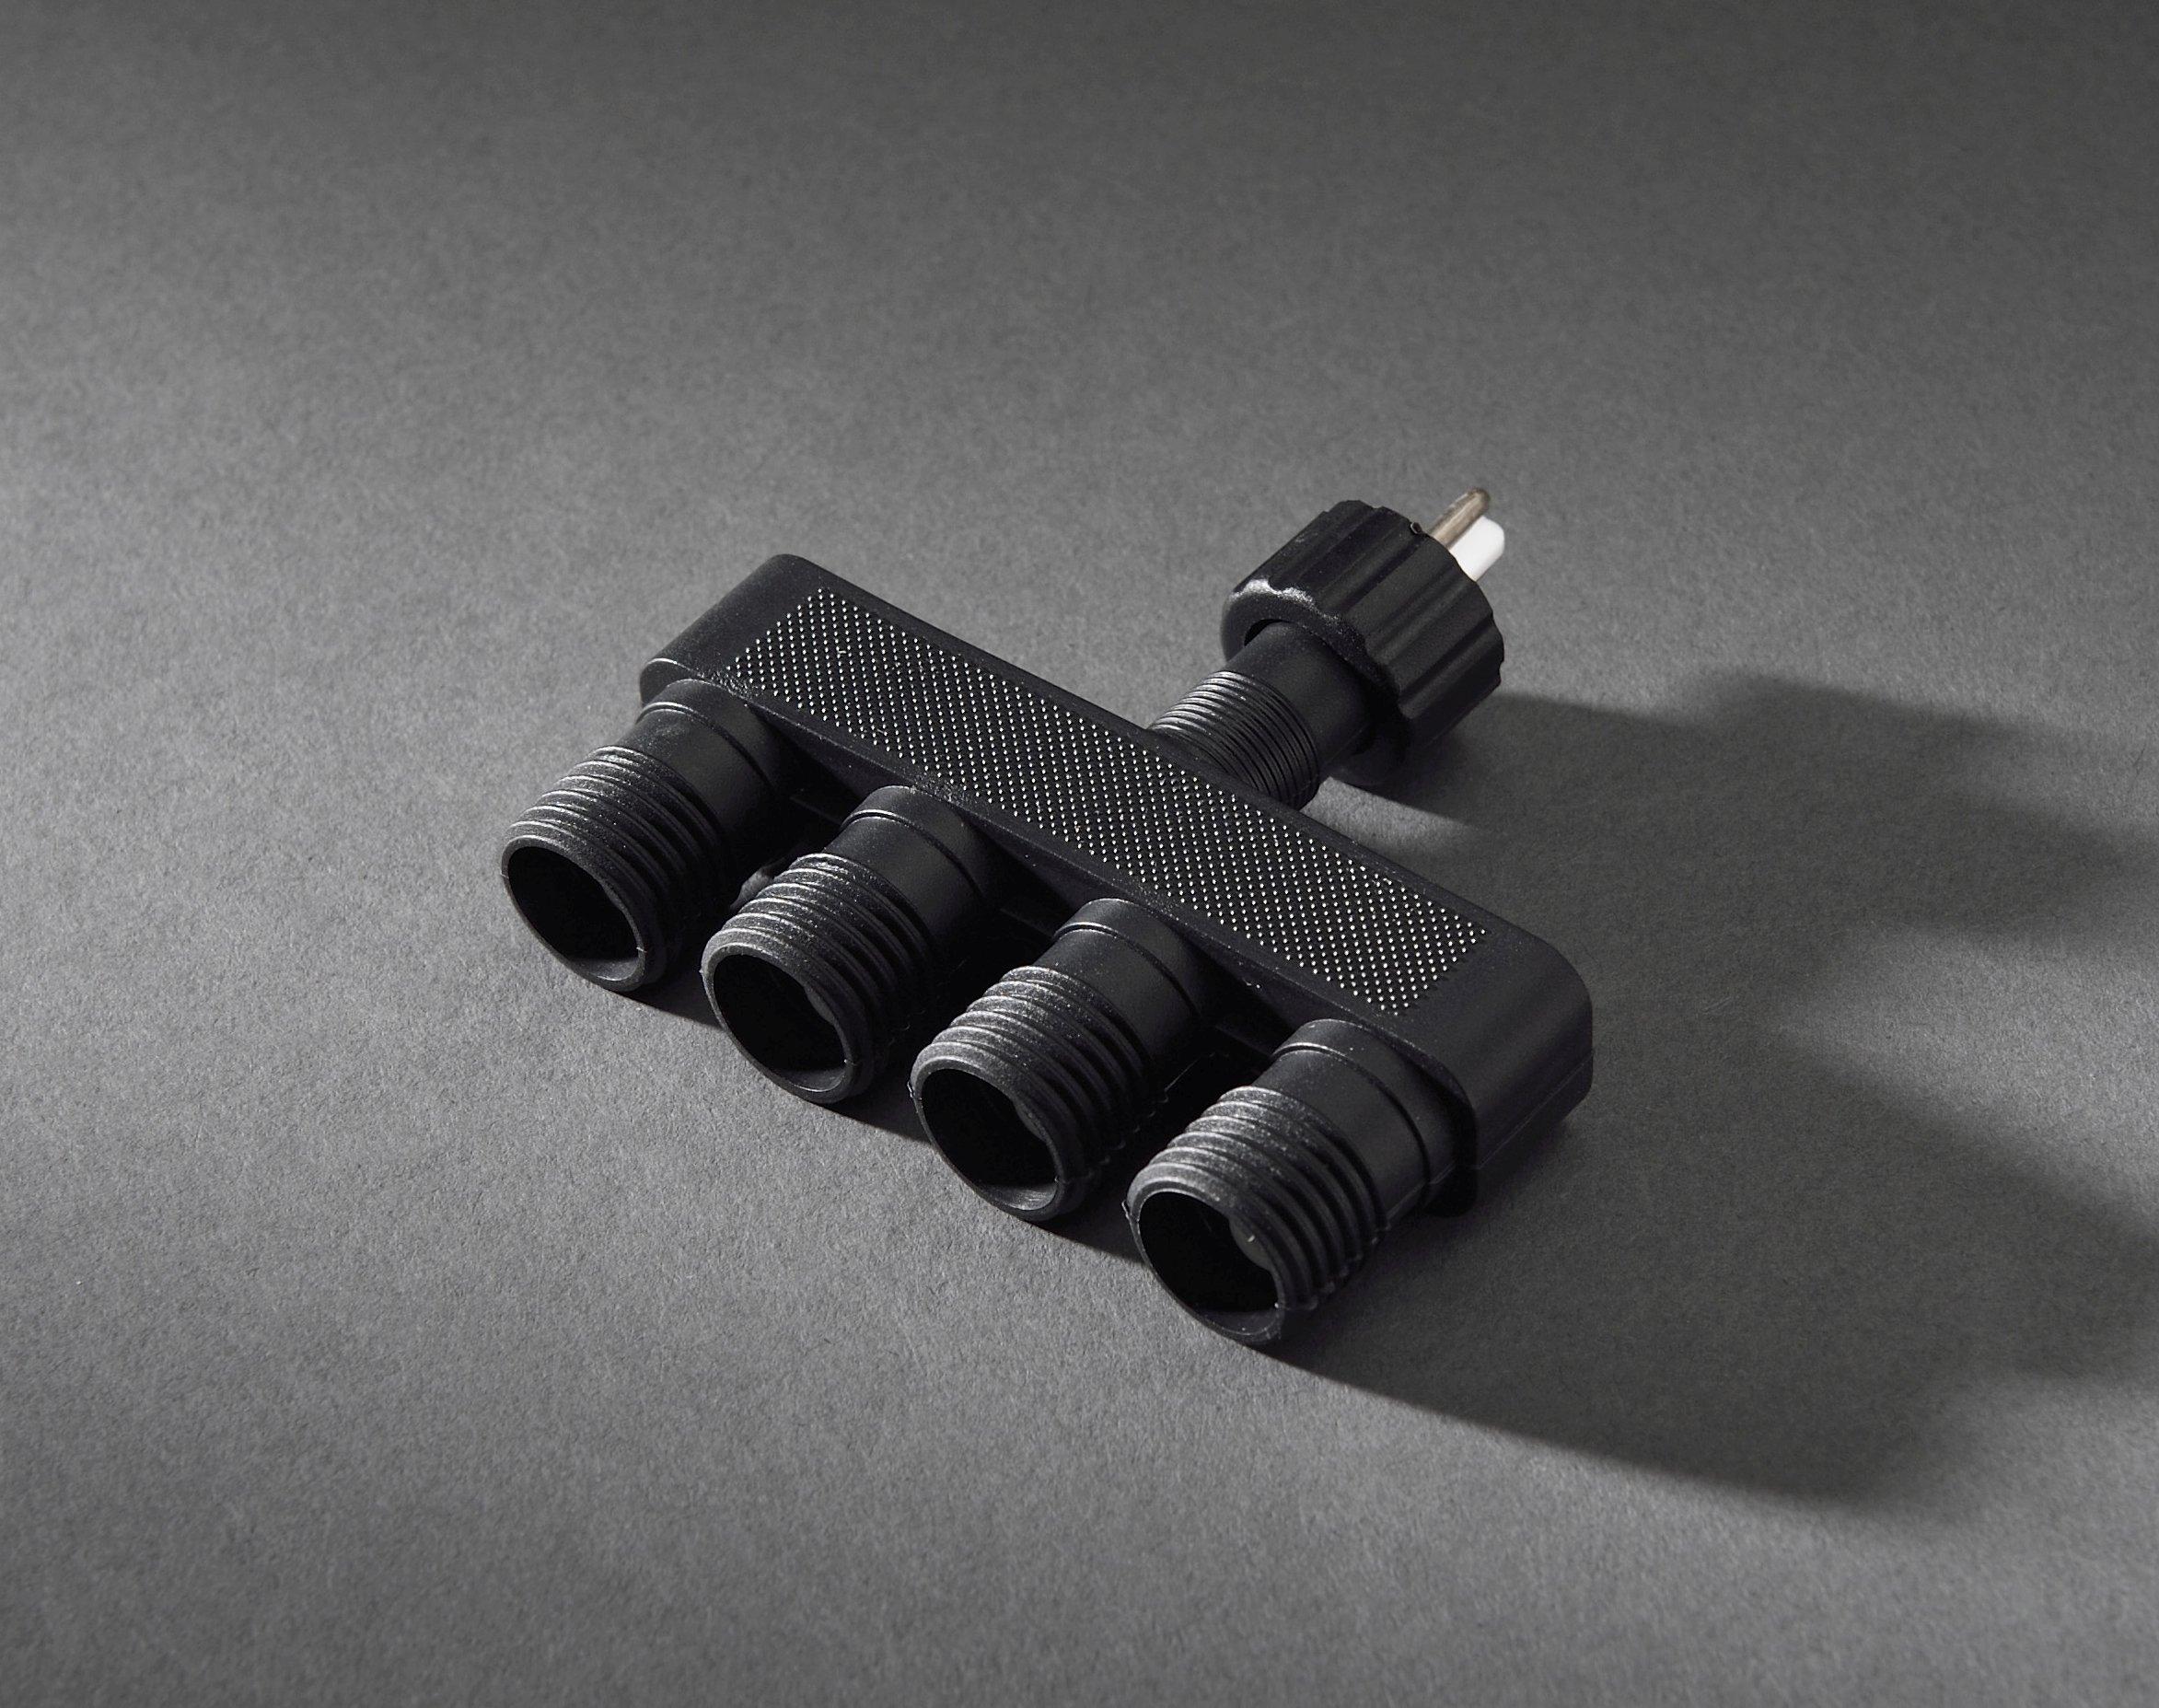 Konstsmide-4603-000-LED-Hightech-System-Verteiler-1-Eingang4-Ausgnge-fr-Auen-IP44-VDE-geprft